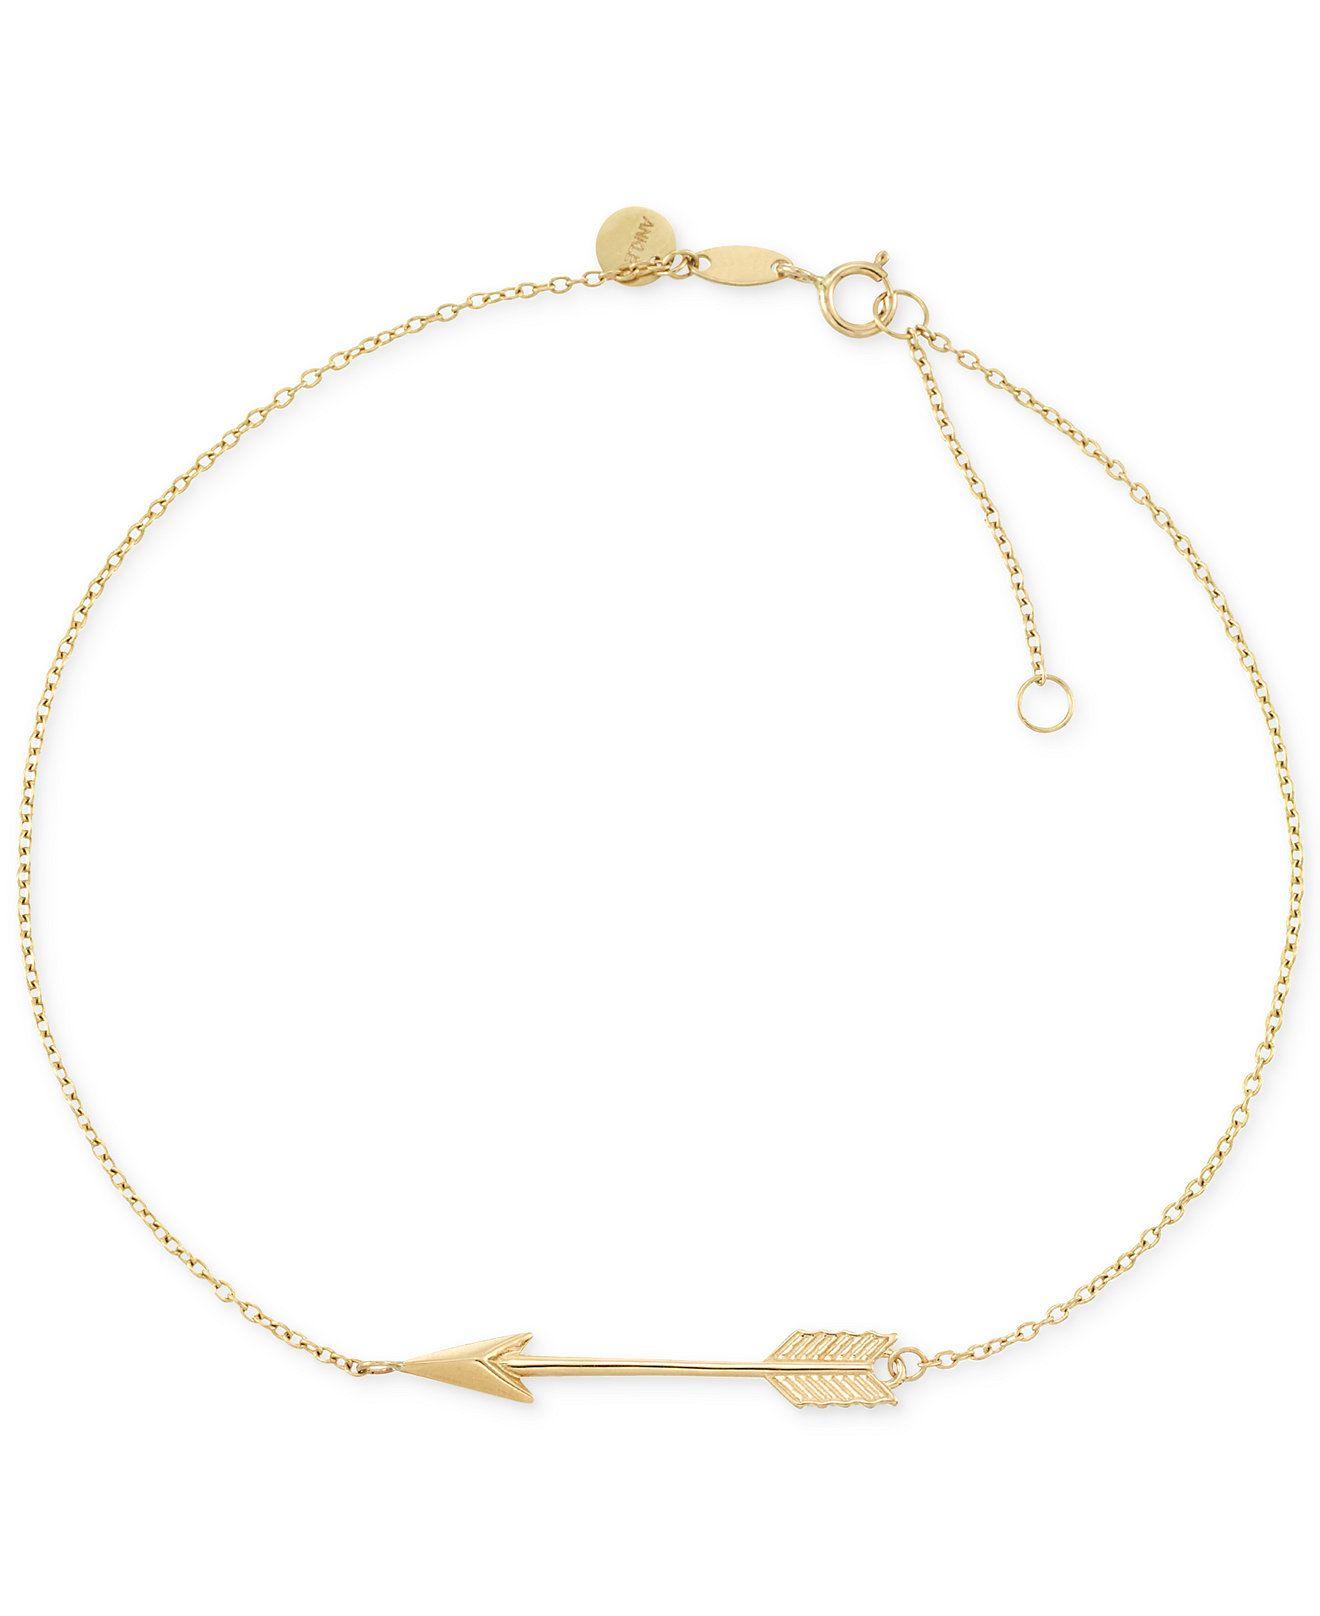 1f84736de1de1e Arrow Anklet in 14k Gold - Bracelets - Jewelry & Watches - Macy's ...